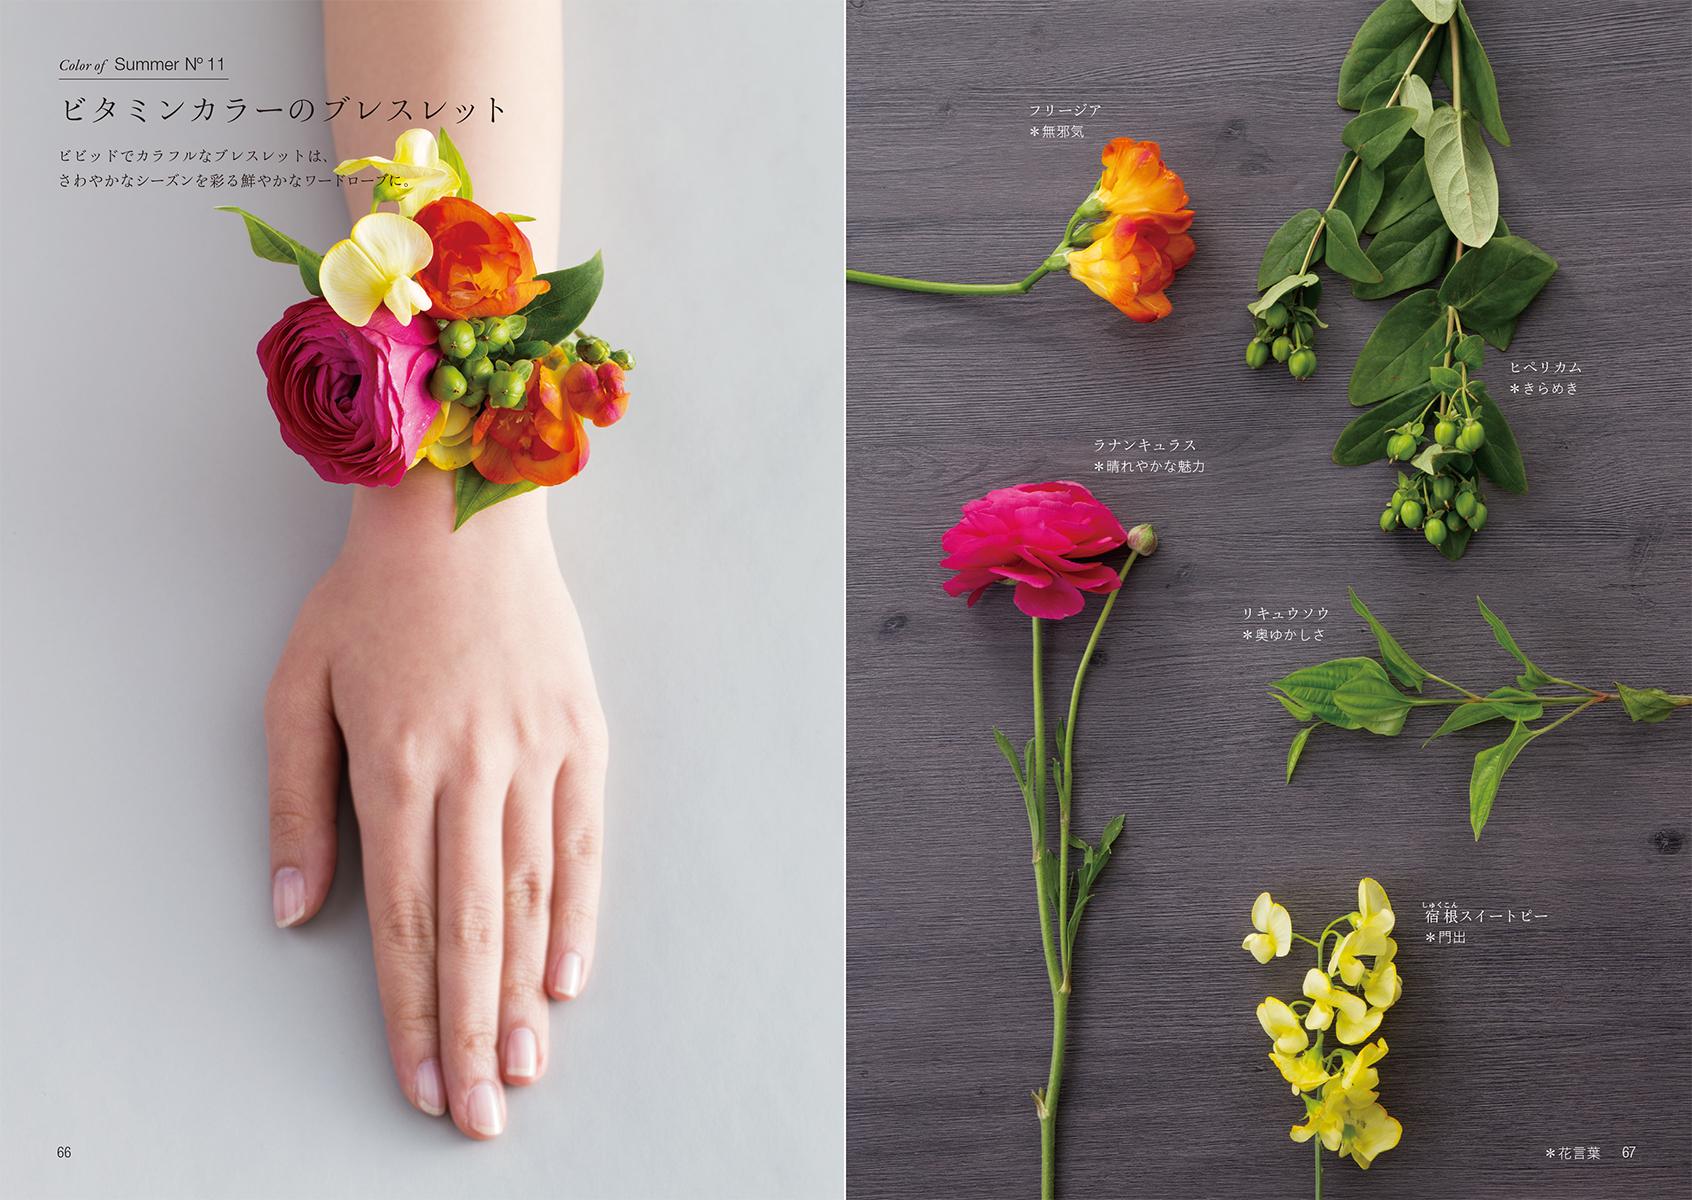 [書籍]『小さな花飾りの本』 - 画像2